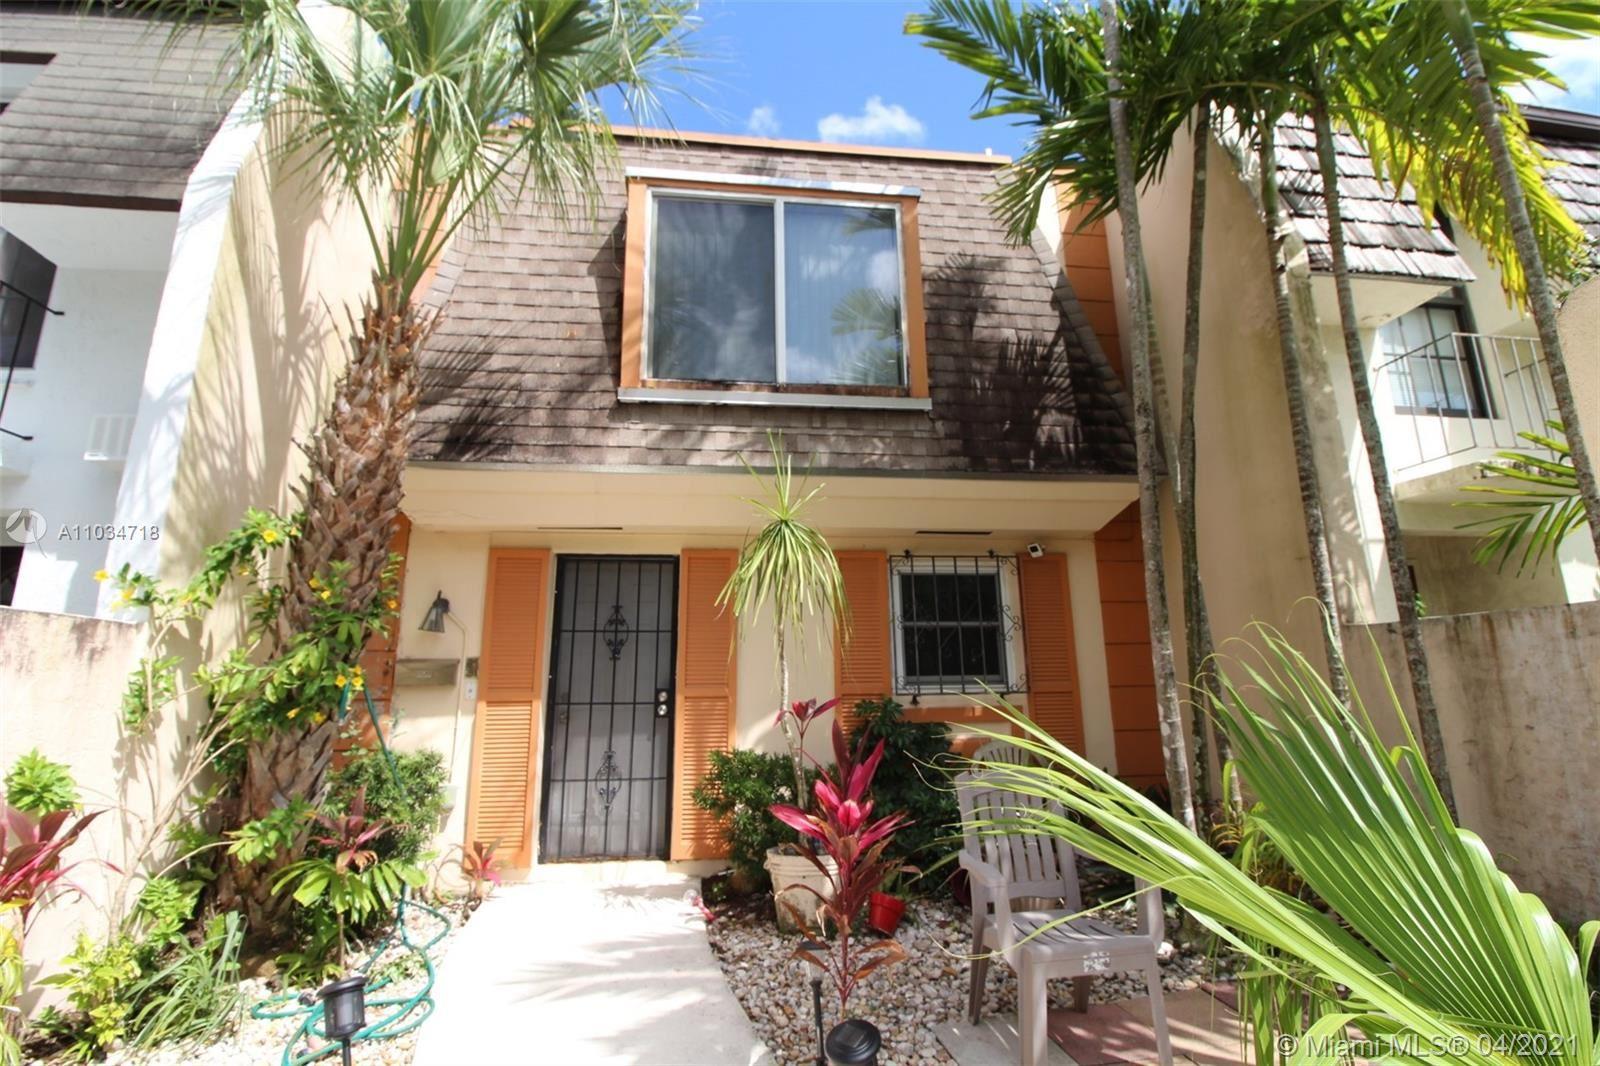 9015 SW 96th Ave #9015, Miami, FL 33176 - #: A11034718